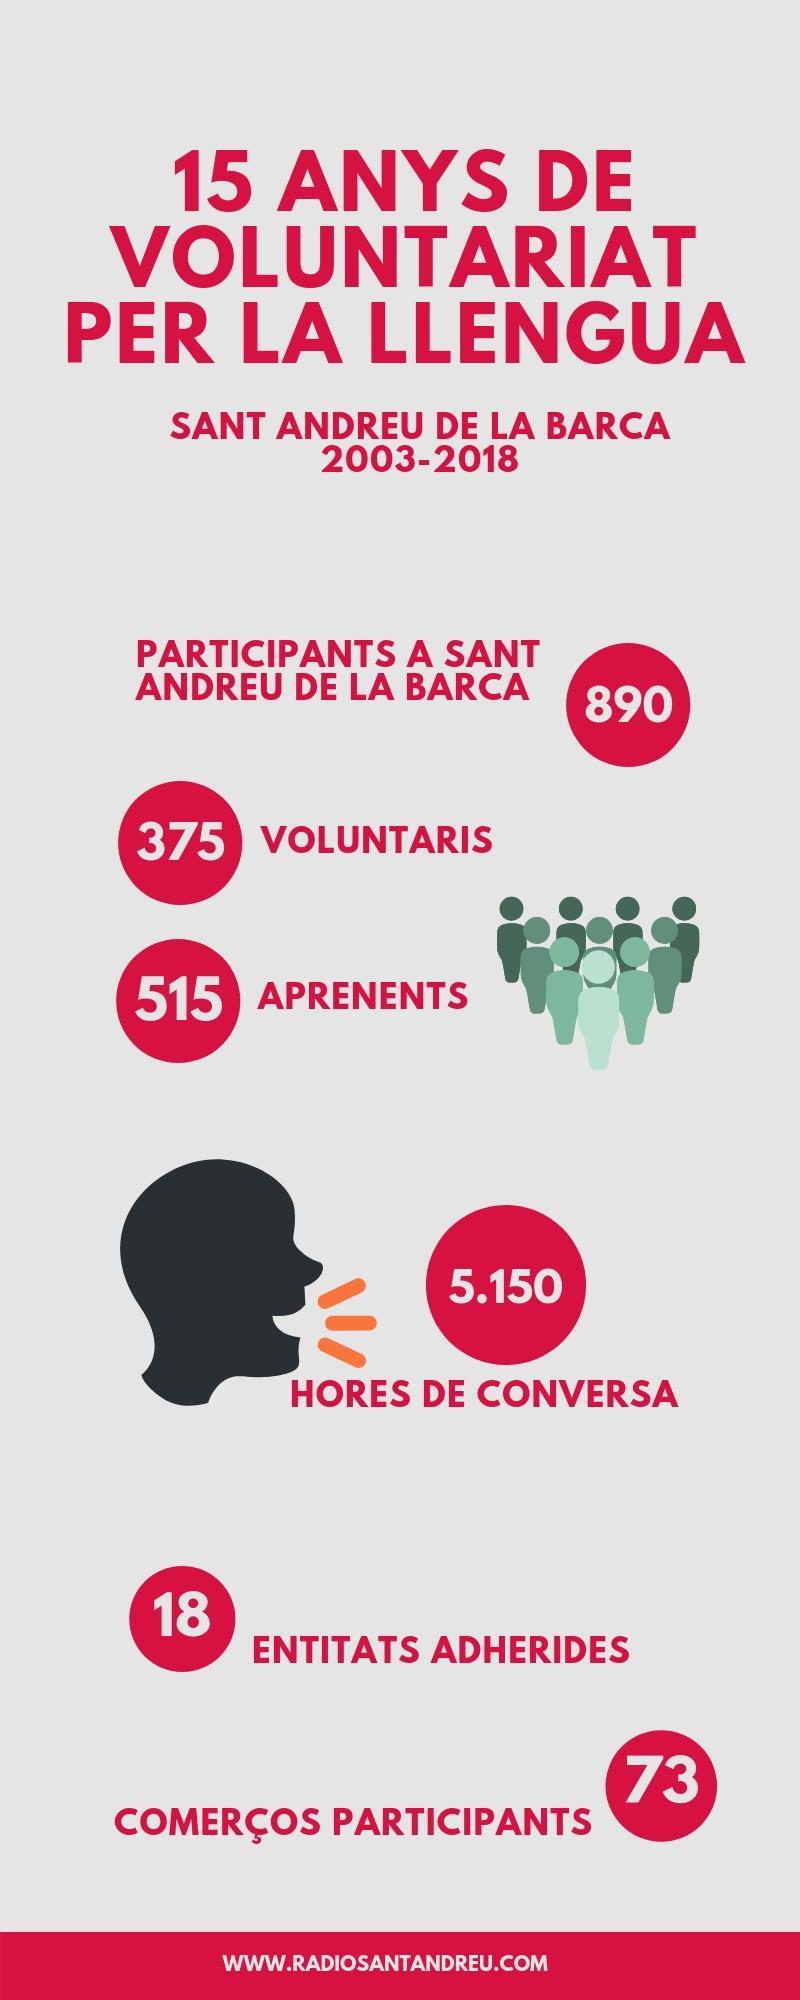 Voluntariat per la Llengua SAB